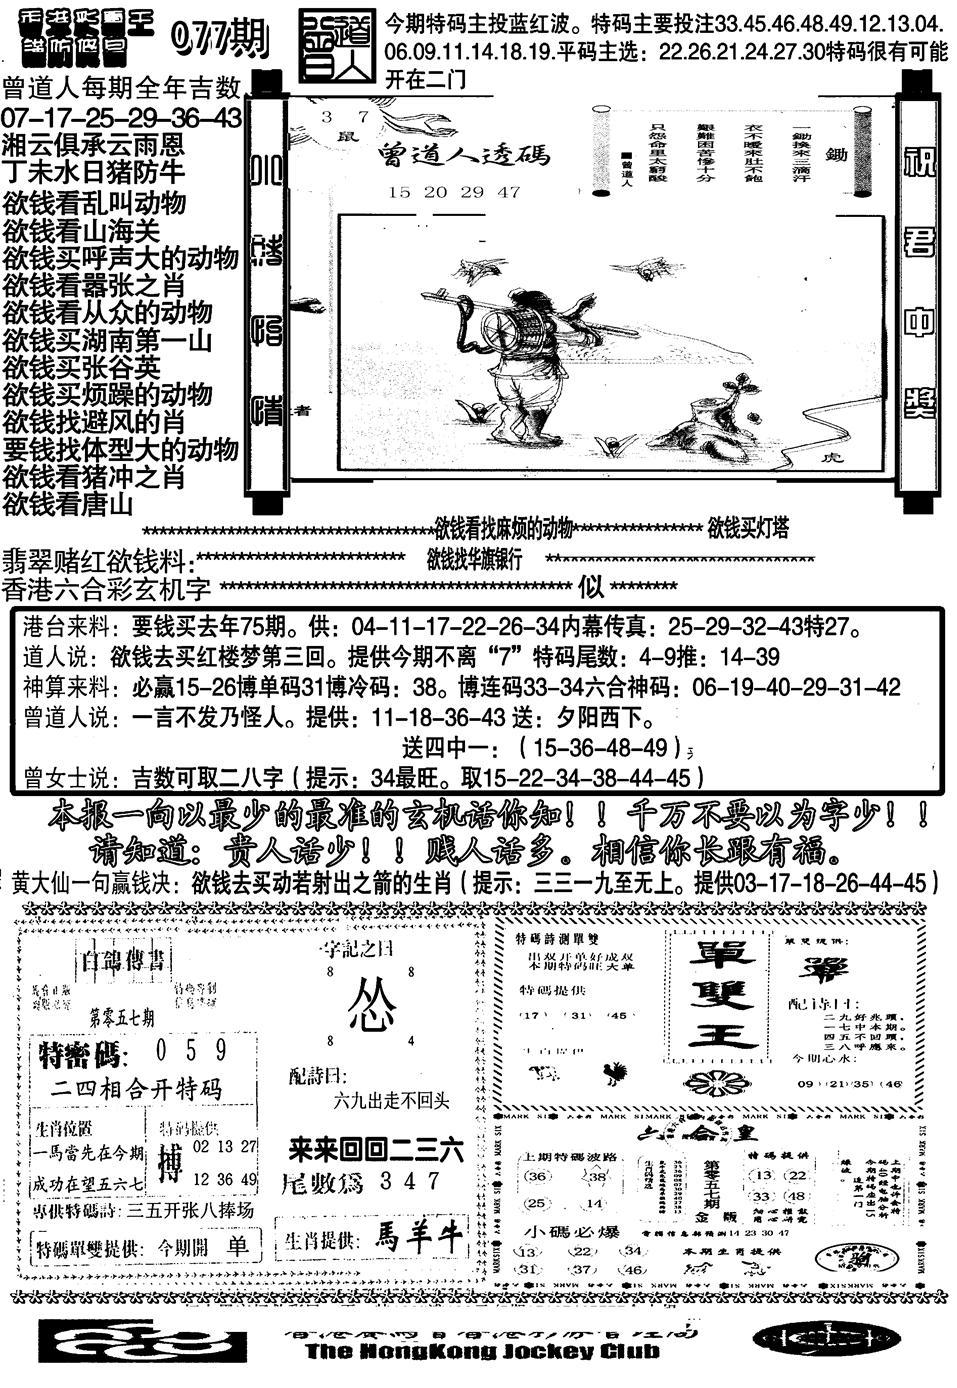 077期大刀彩霸王B(黑白)